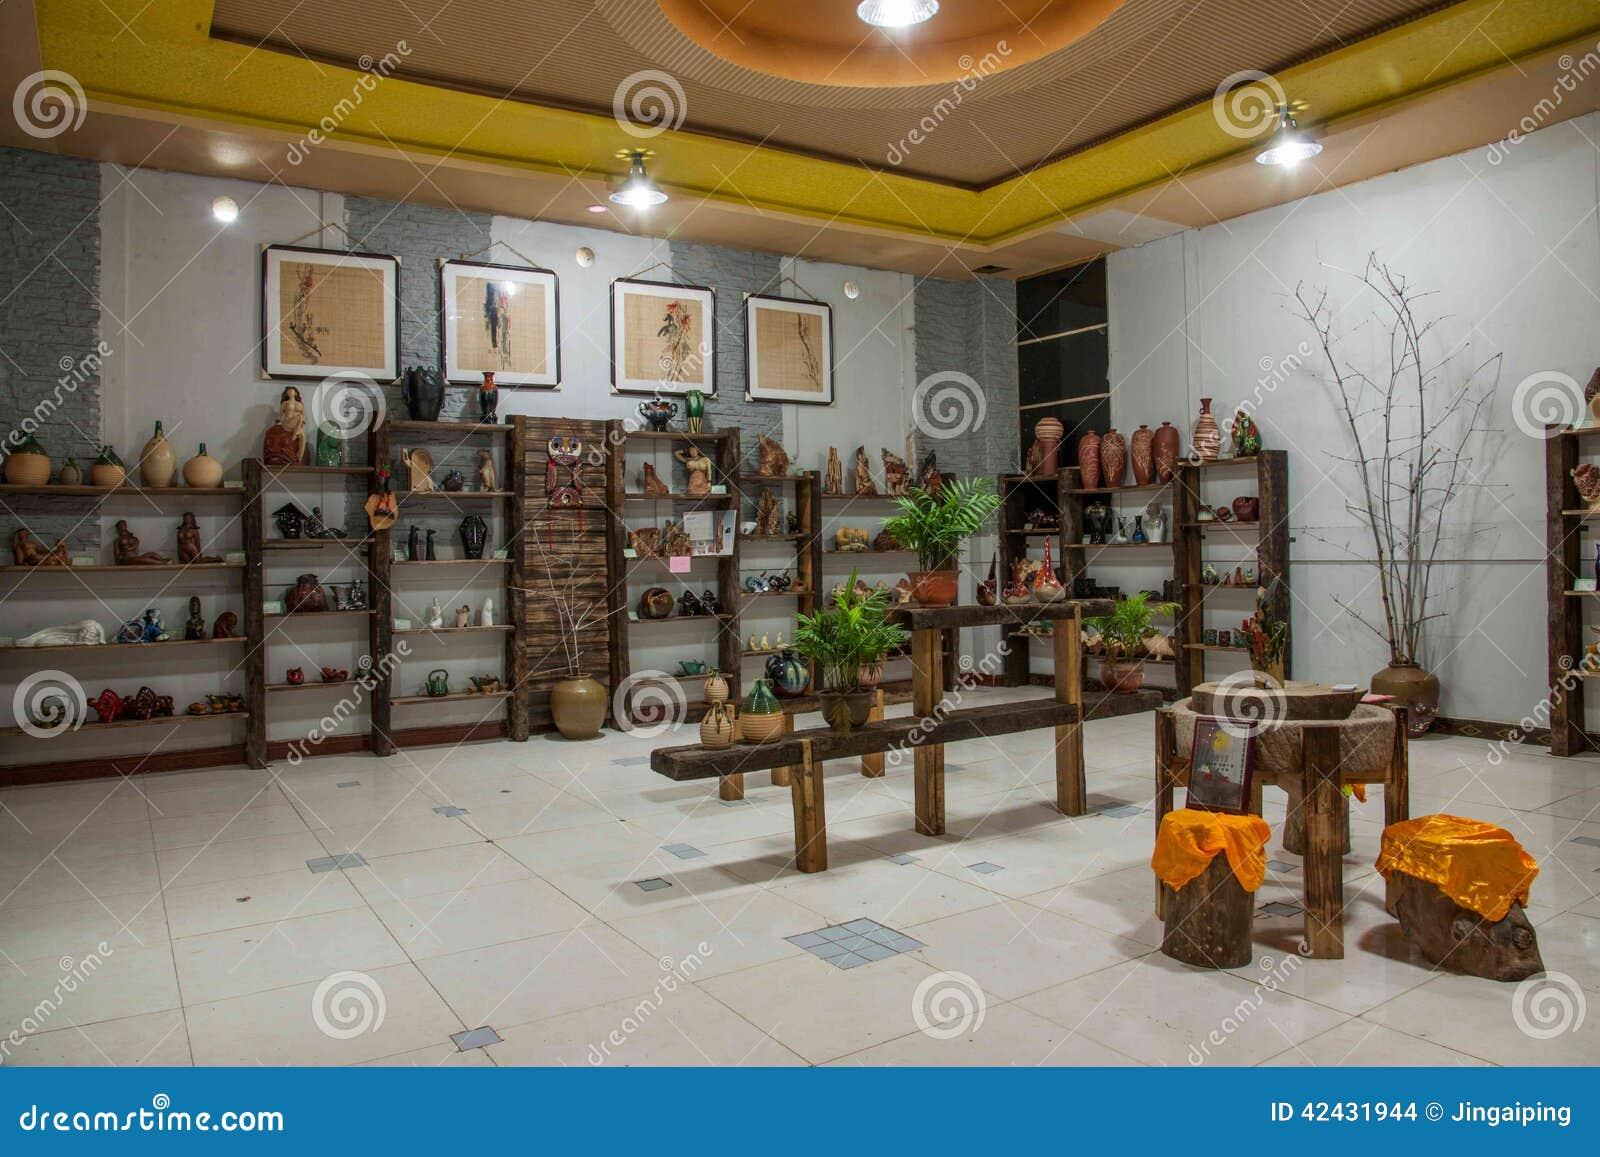 Una muestra de Rongchang Tao del museo de la cerámica del estudio de la cerámica de Chongqing Rongchang